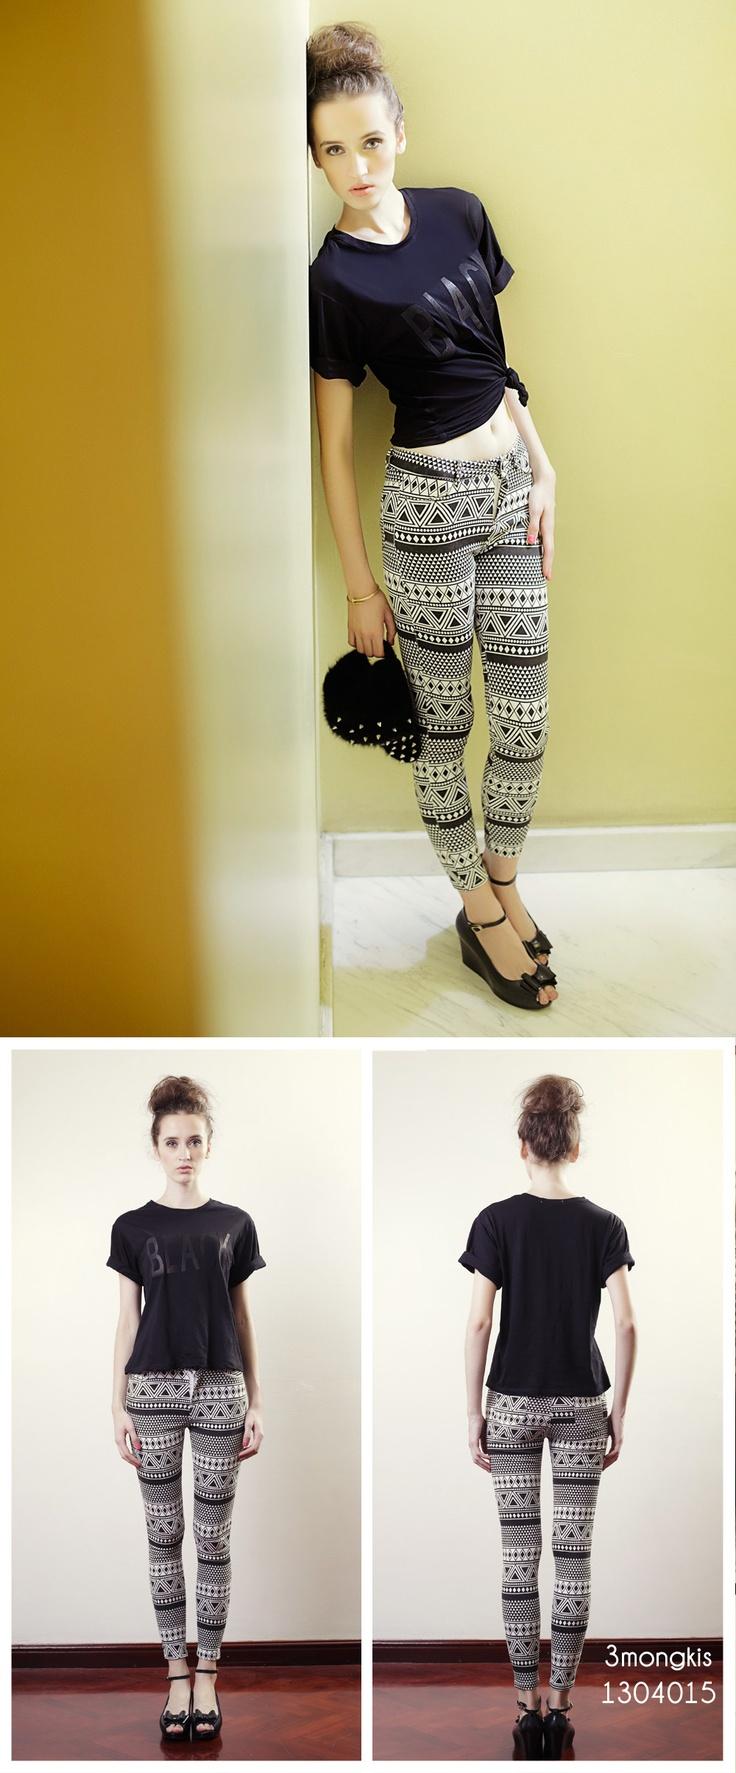 Trending Noir Tshirt + patterned Leggings